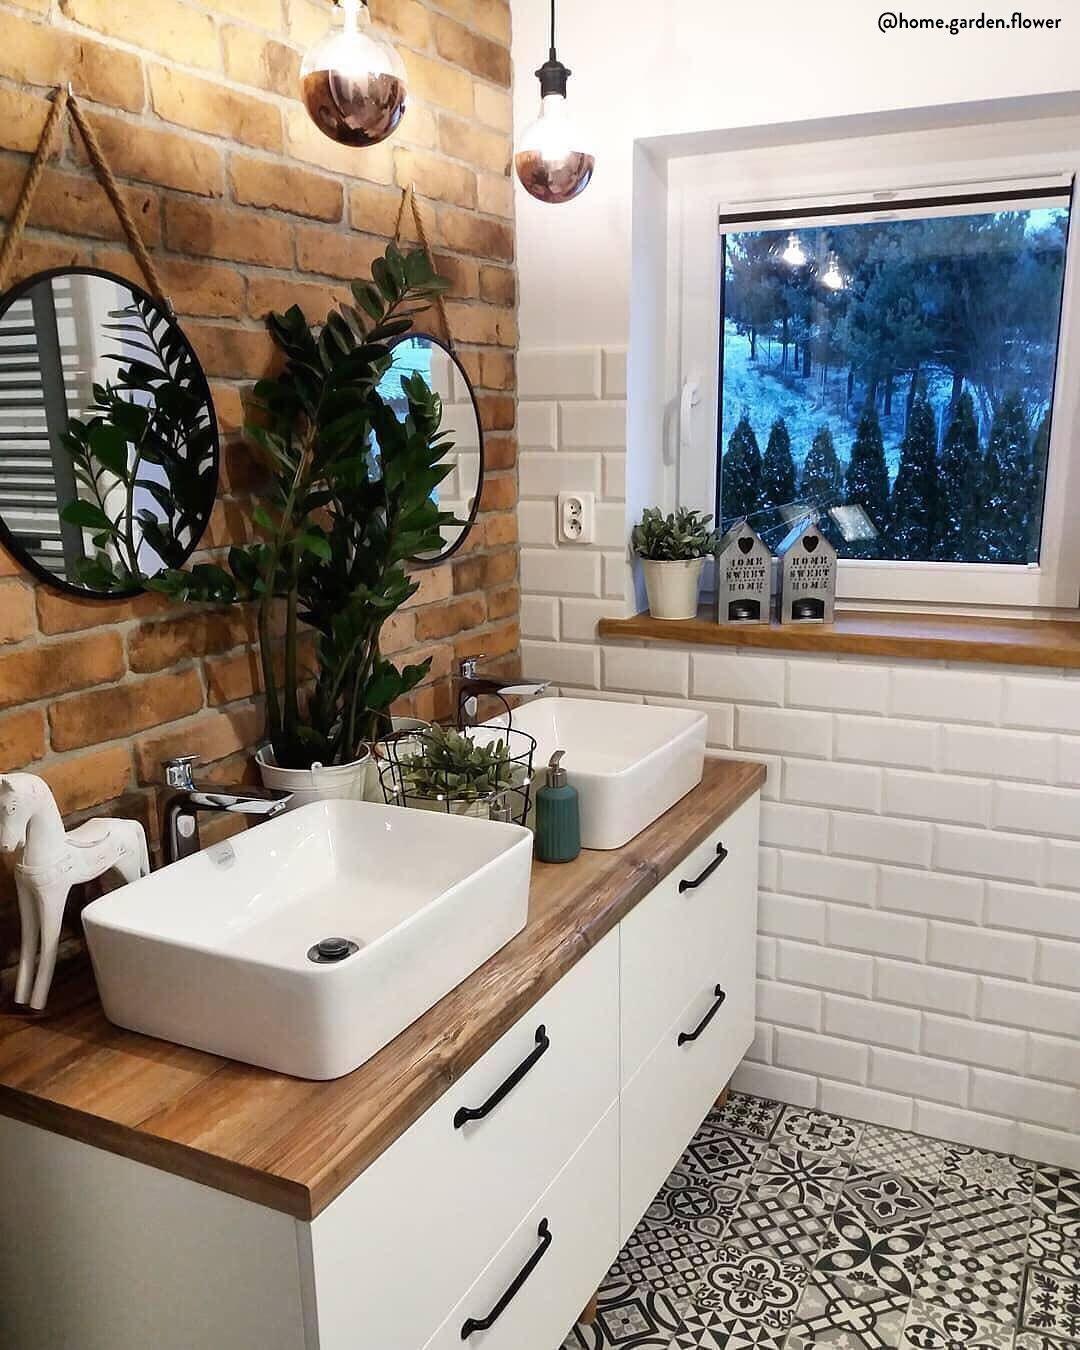 ▷ 8 + Ideen für ein Zen-Badezimmer Dekor + Bad 8m8 - # 8m8 #b